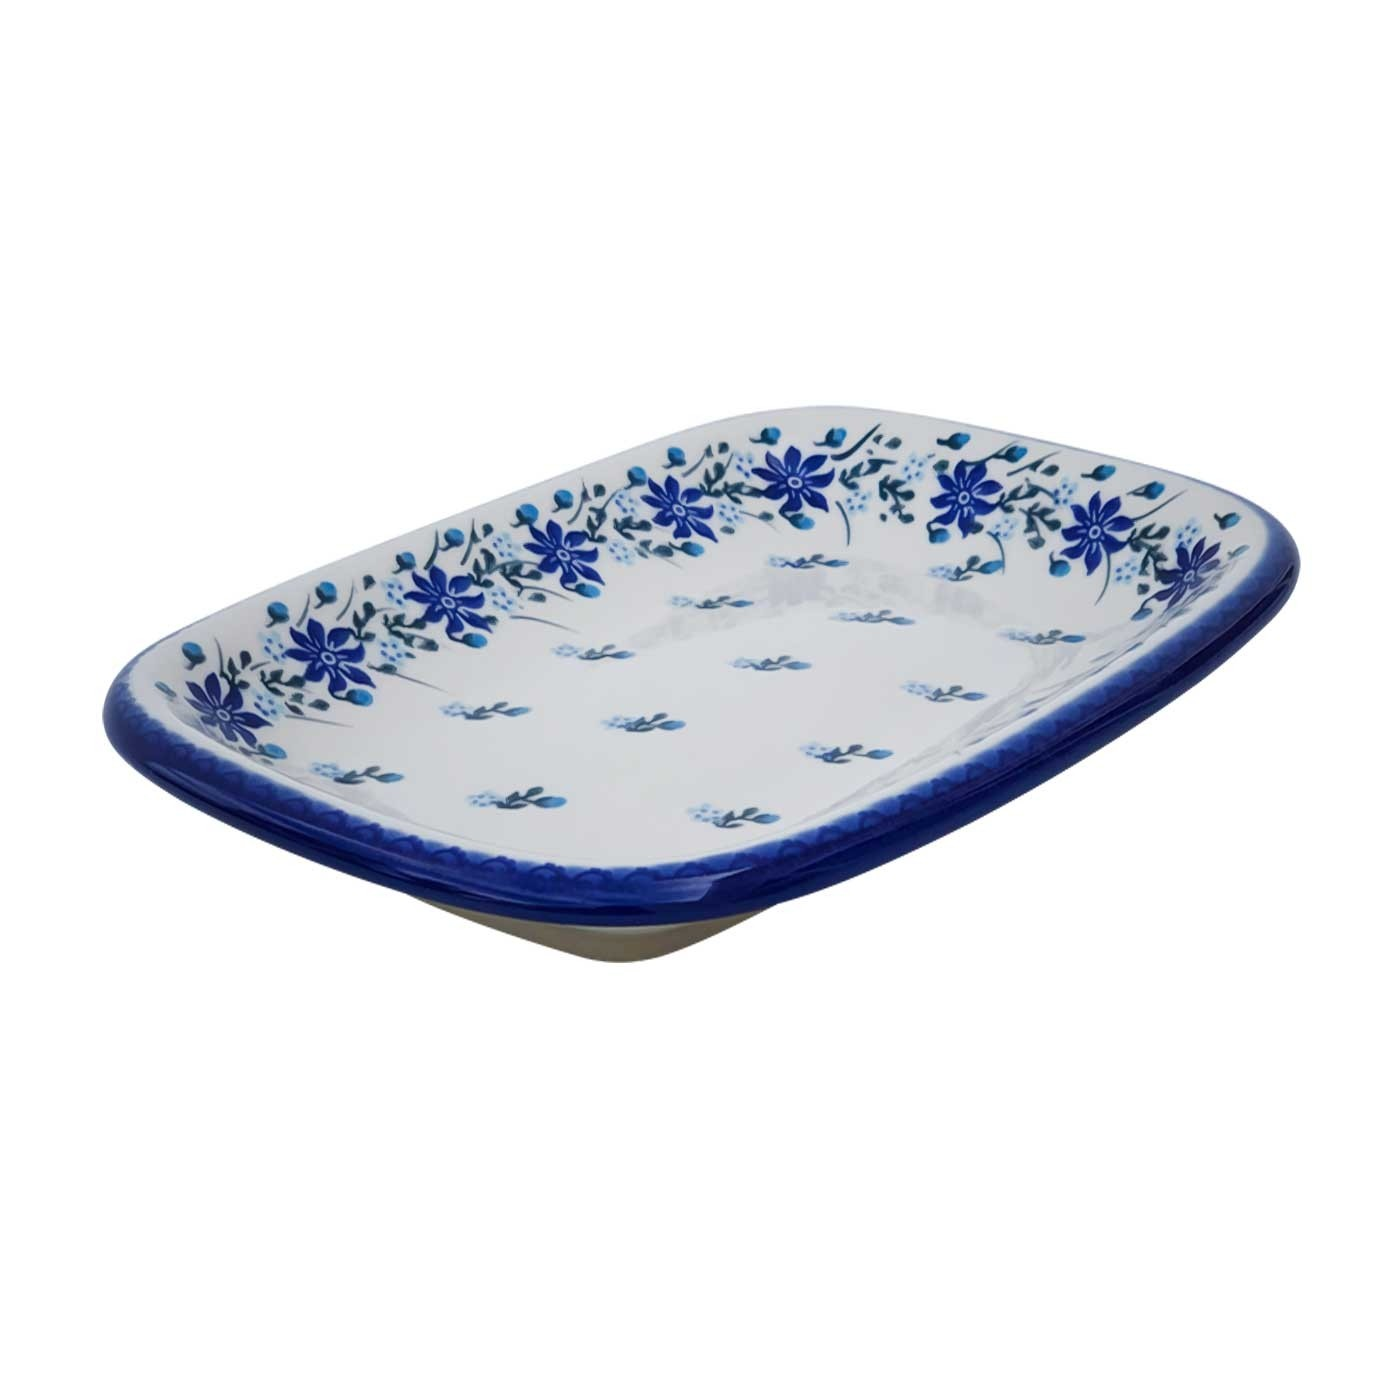 Polish Pottery Stoneware Rectangular Platter (MD) - V120-C106 STAR GAZER